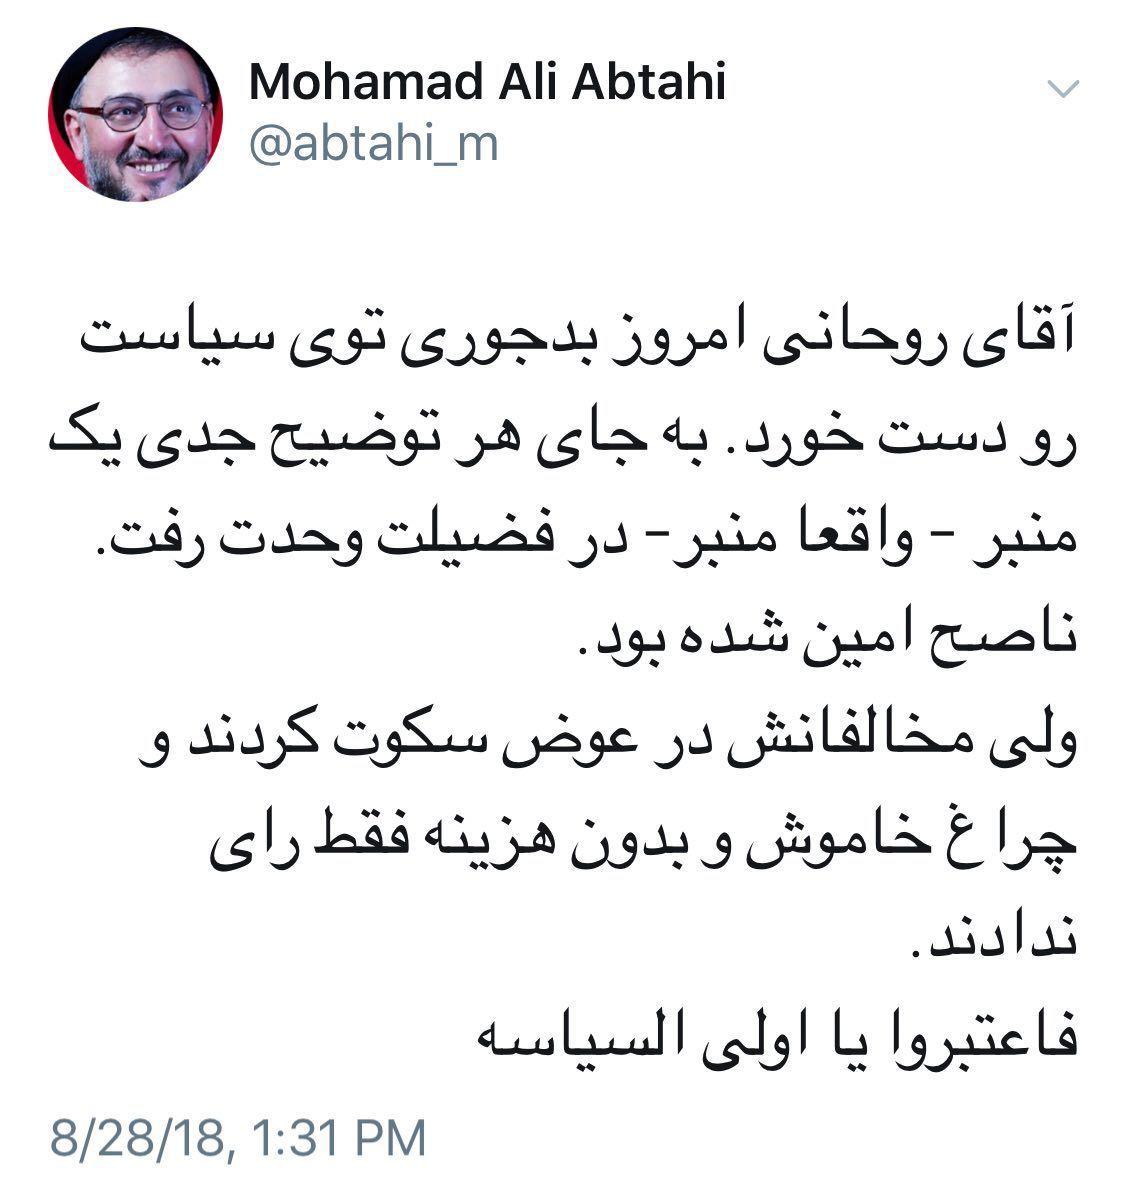 ابطحی: روحانی امروز بدجوری رو دست خورد